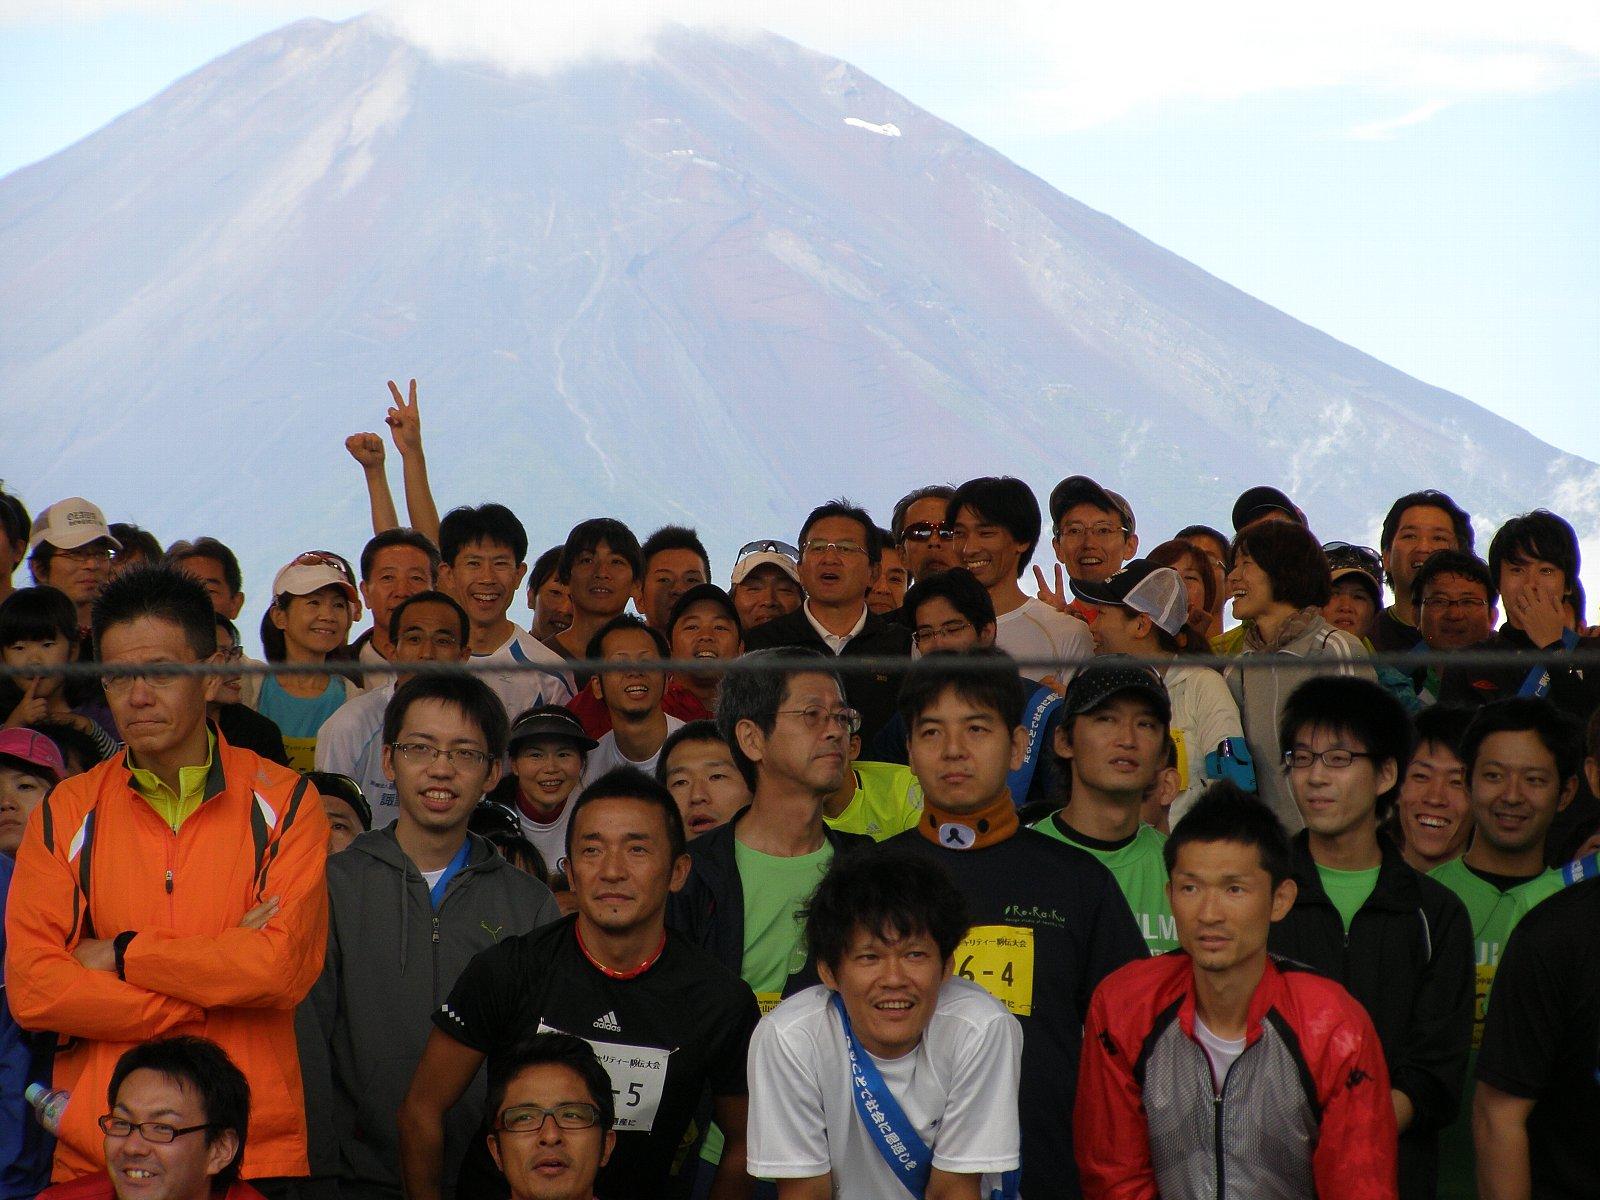 富士山・山中湖チャリティー駅伝大会にブース出展してきました。